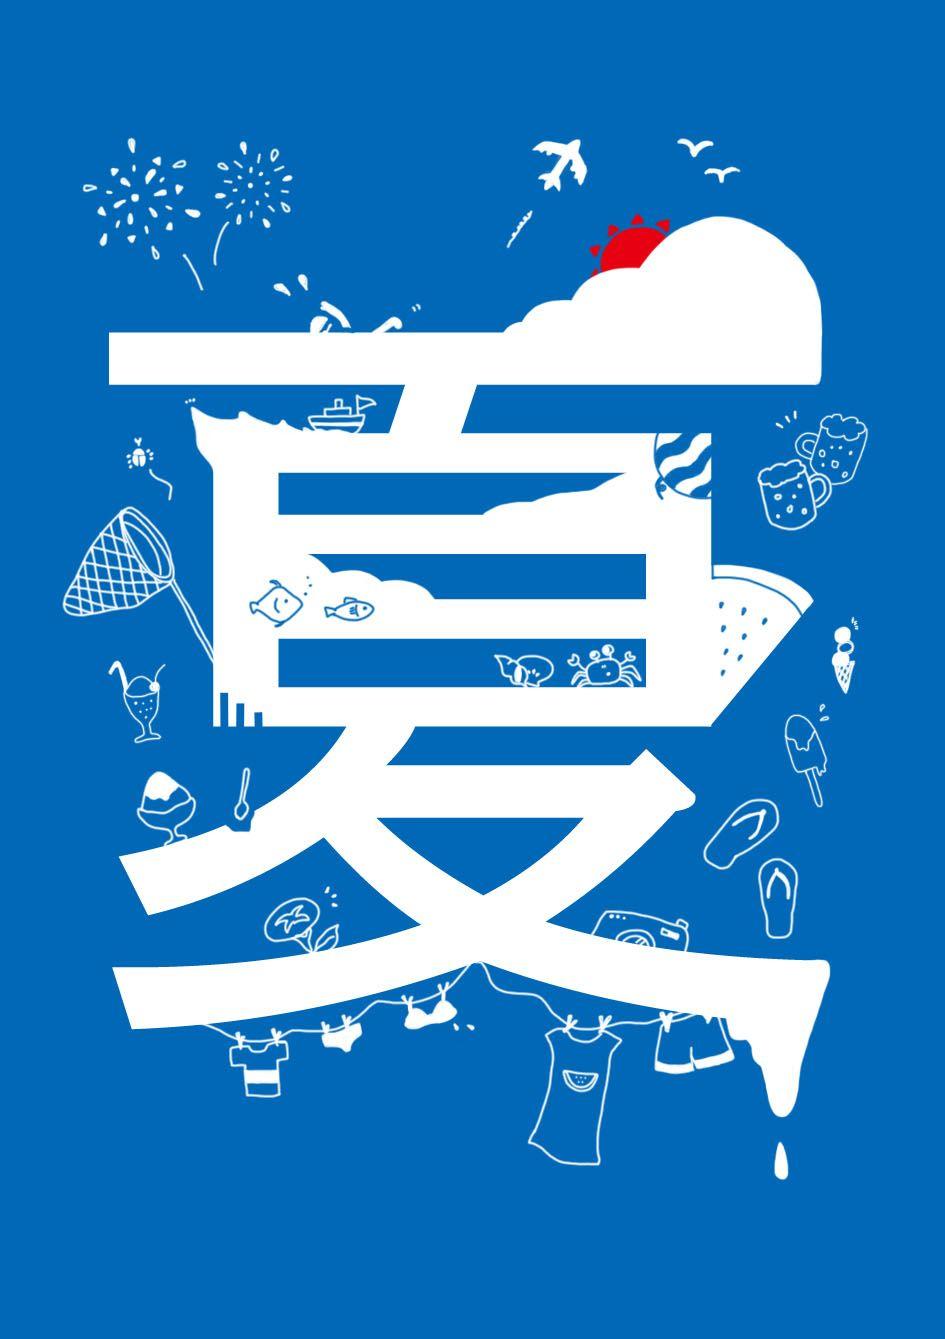 12 Tumblr グラフィックデザインのポスター 日本のグラフィックデザイン 初夏 デザイン